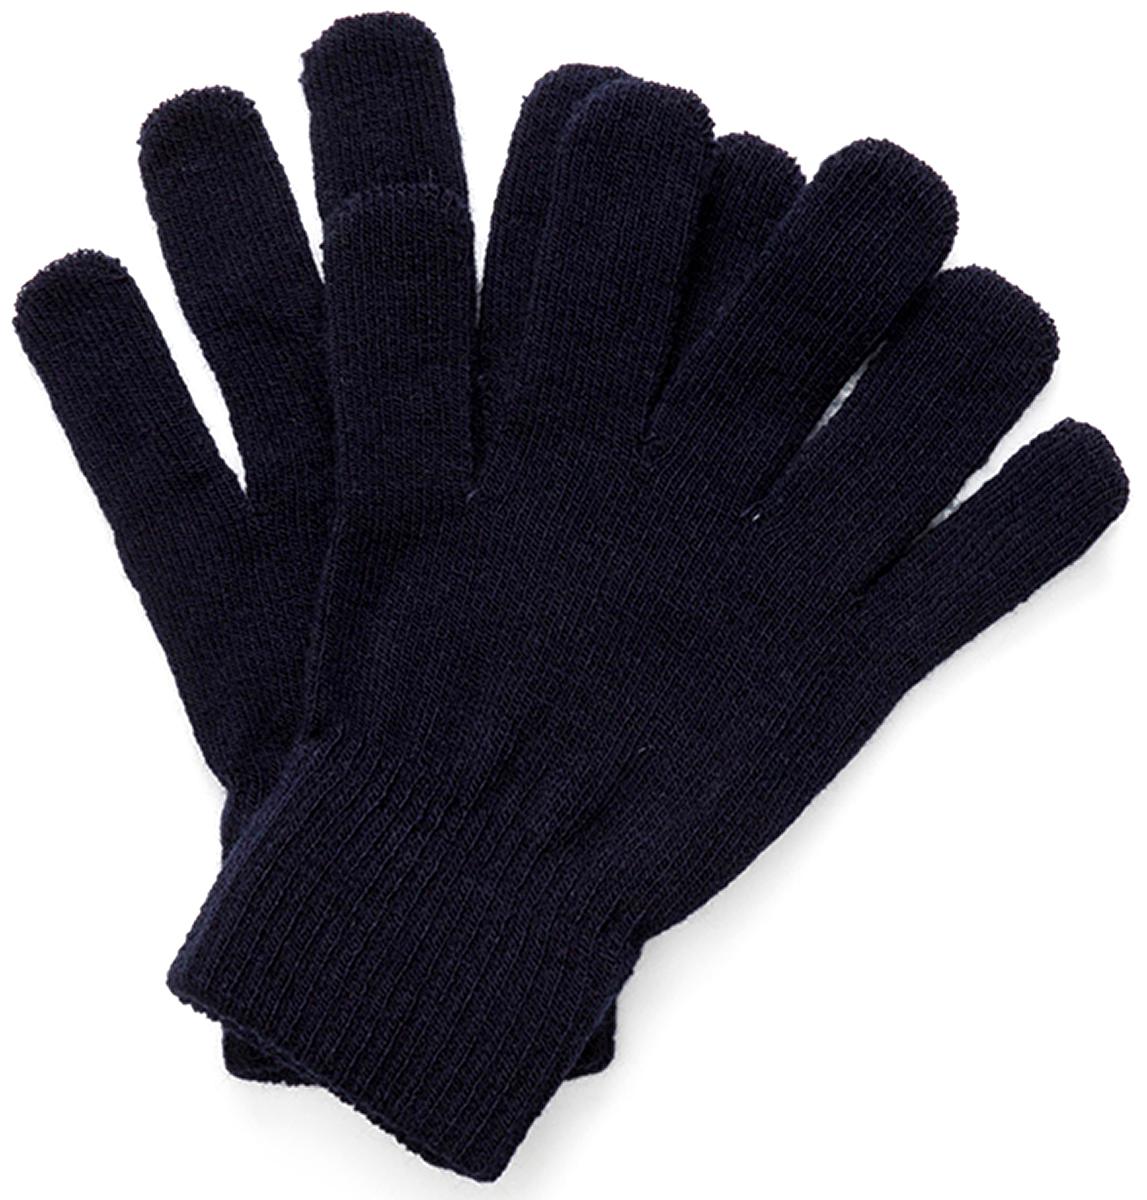 Перчатки для девочки Acoola Kilo, цвет: темно-синий. 20236420008. Размер S (6)20236420008Вязаные перчатки от Acoola выполнены из натуральной акриловой пряжи. Такие перчатки согреют руки вашего ребенка в холодную погоду.